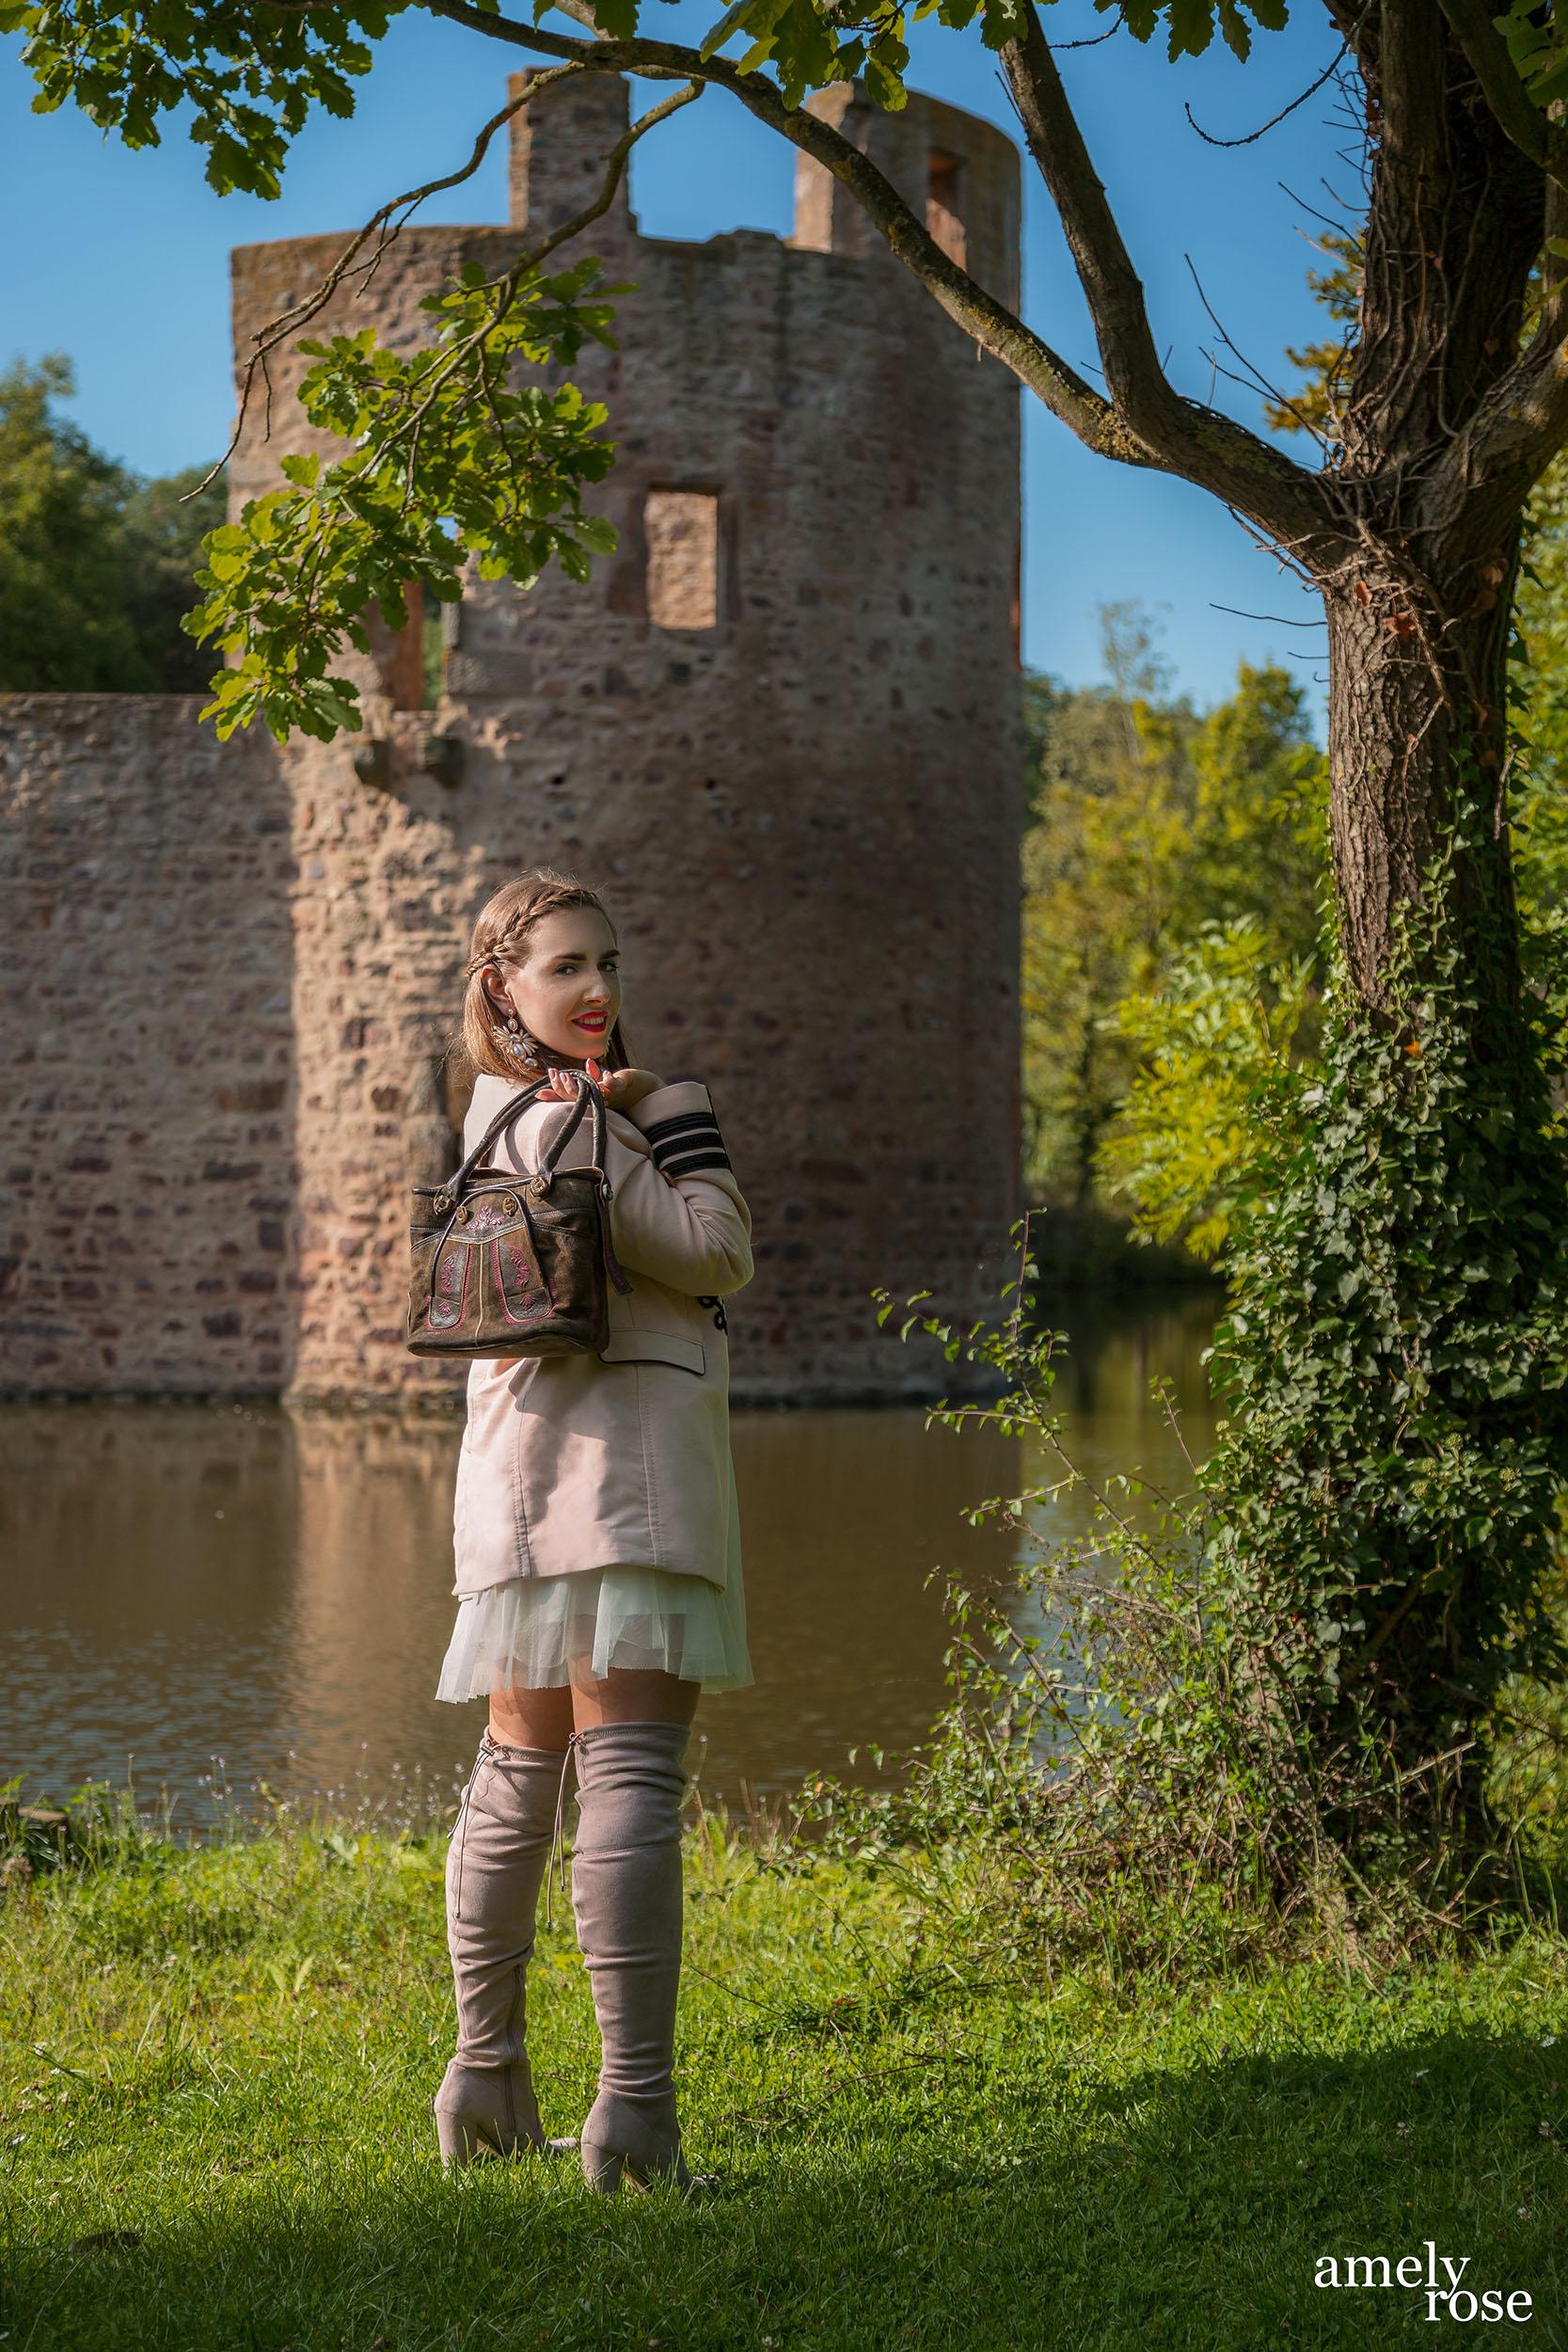 Amely rose zählt zu deutschland bekanntesten german influencer und fashion blogger zeigt ihren oktoberfestlook, ohne dirndl und lederhosen auf den wies'n mit tollen trachten accessoires wie der tasche von hosndaschn